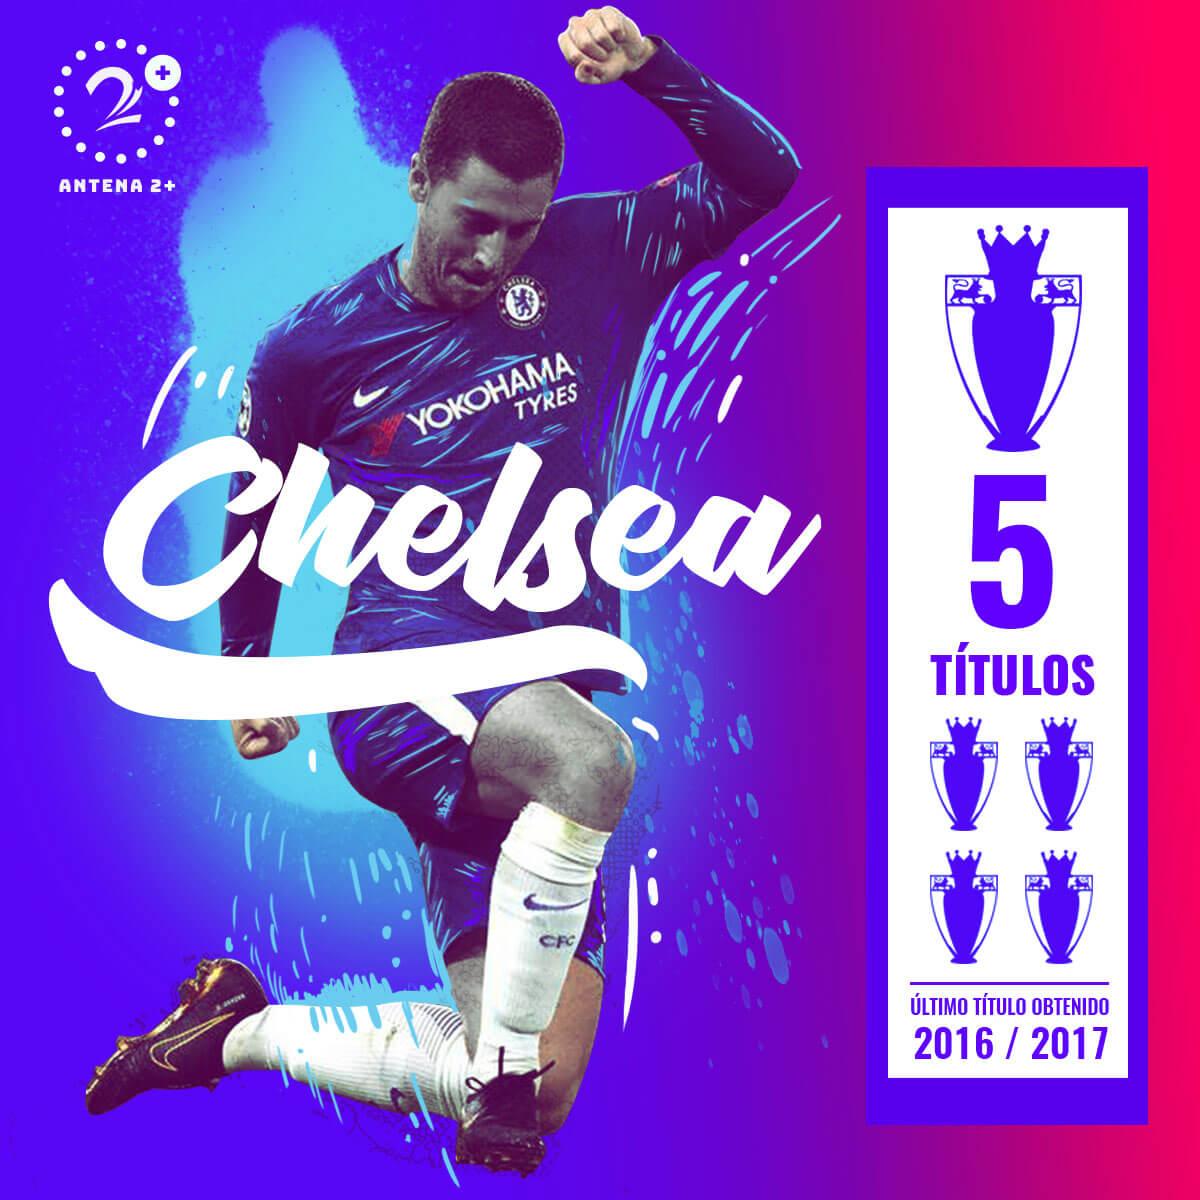 Chelsea, campeón en cinco ocasiones de la Premier League